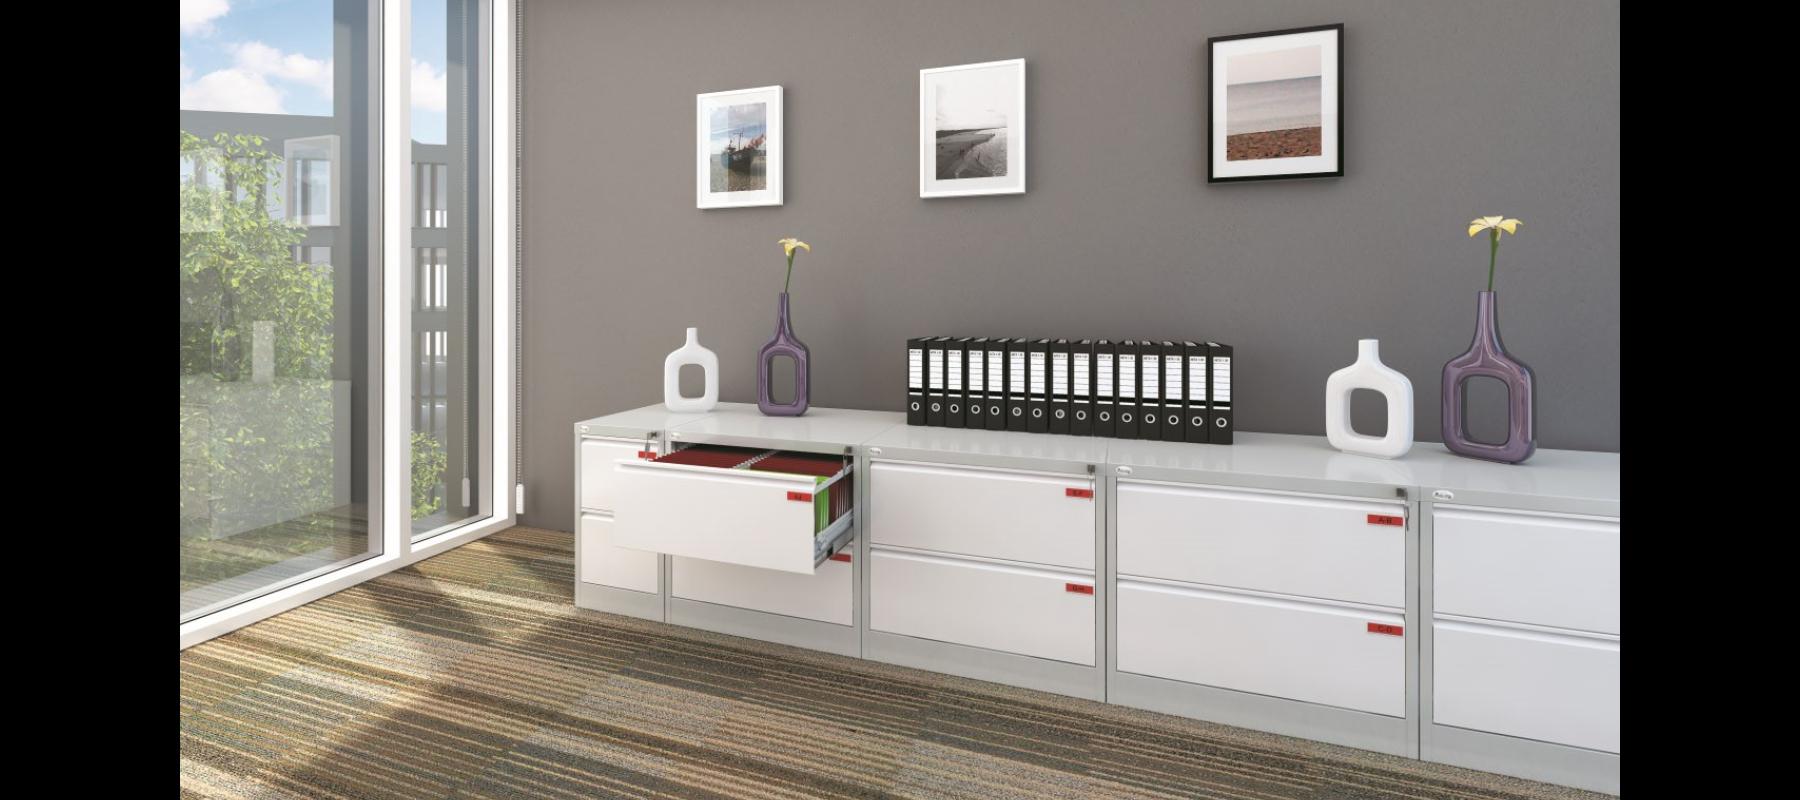 meble metalowe metalowe meble biurowe szafy szufladowe mw aranżacje - 01